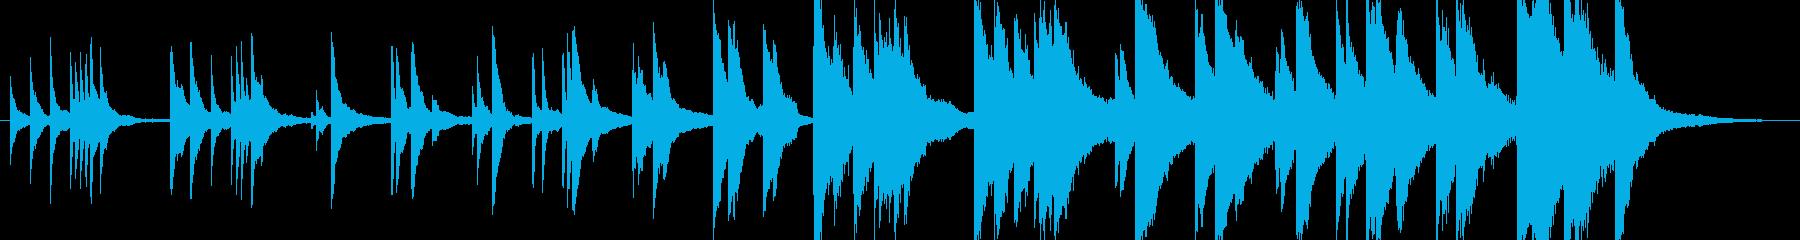 切ない悲しい感動的ピアノバラードの再生済みの波形